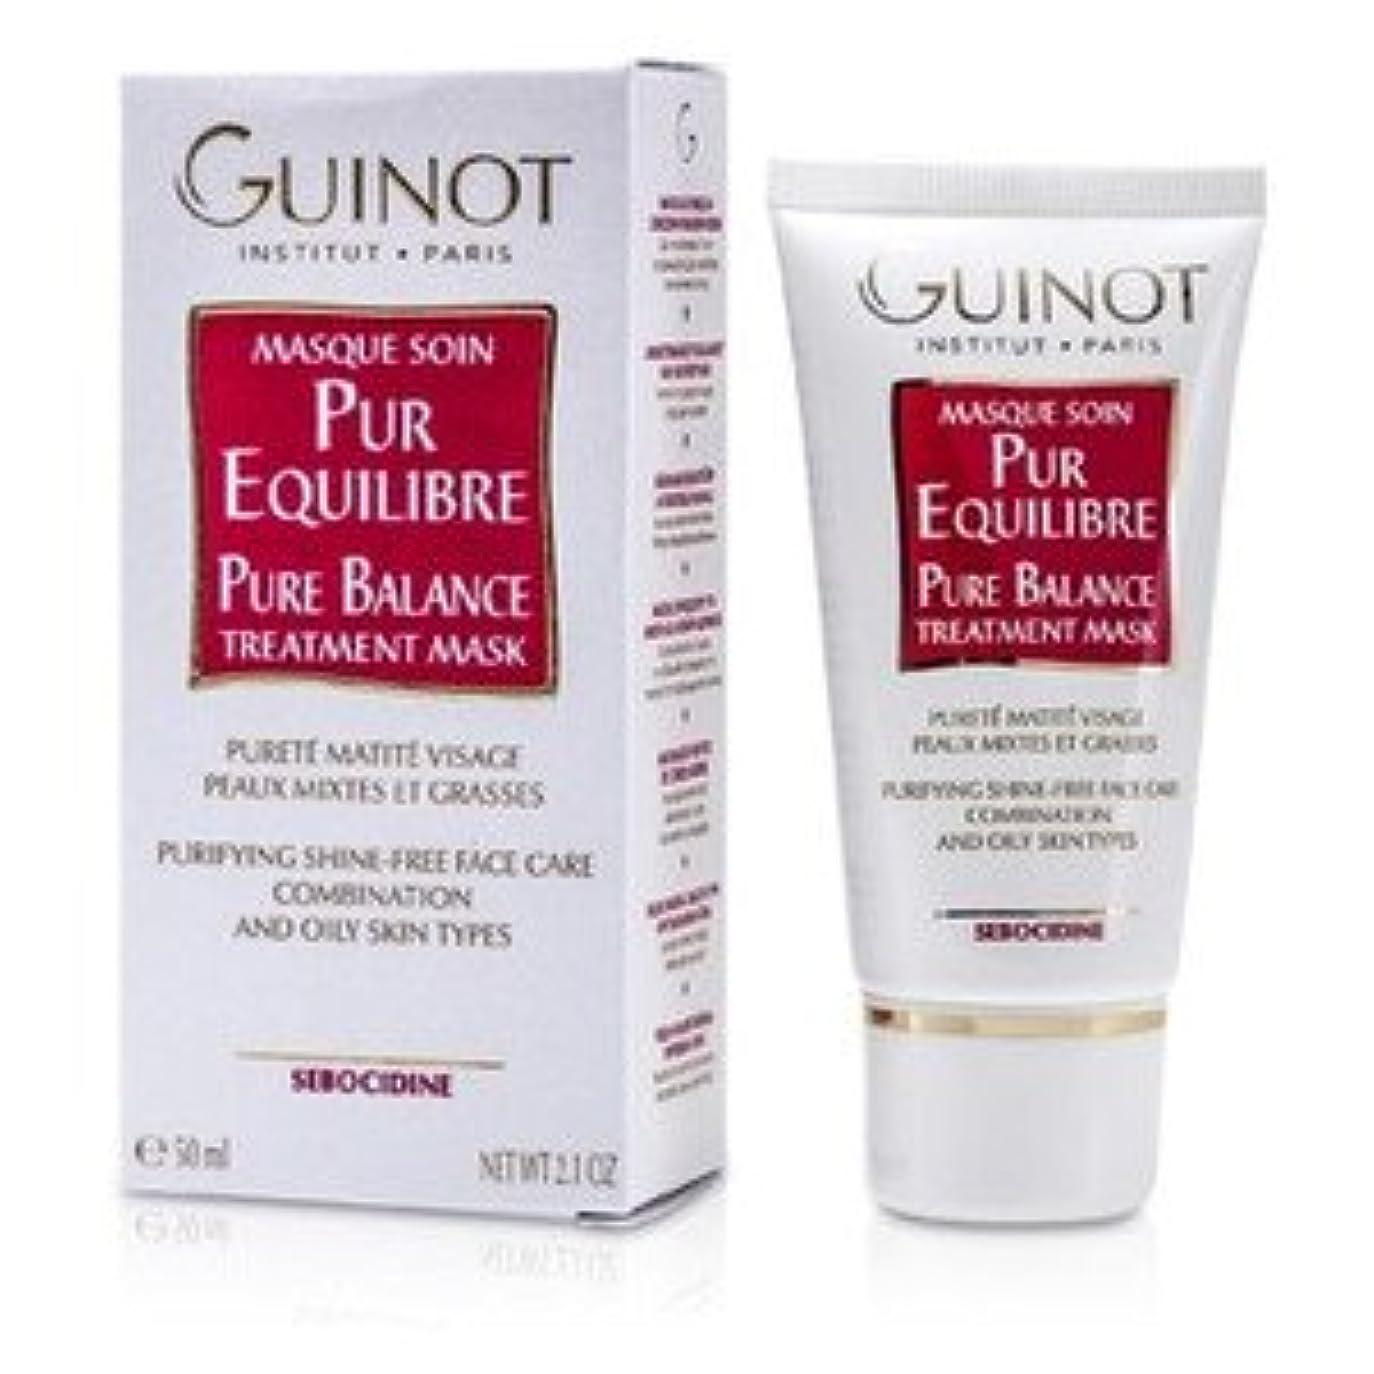 要塞居間たくさんのGuinot Pure Balance Mask for C/Oily Skin 50ml/1.7oz [並行輸入品]